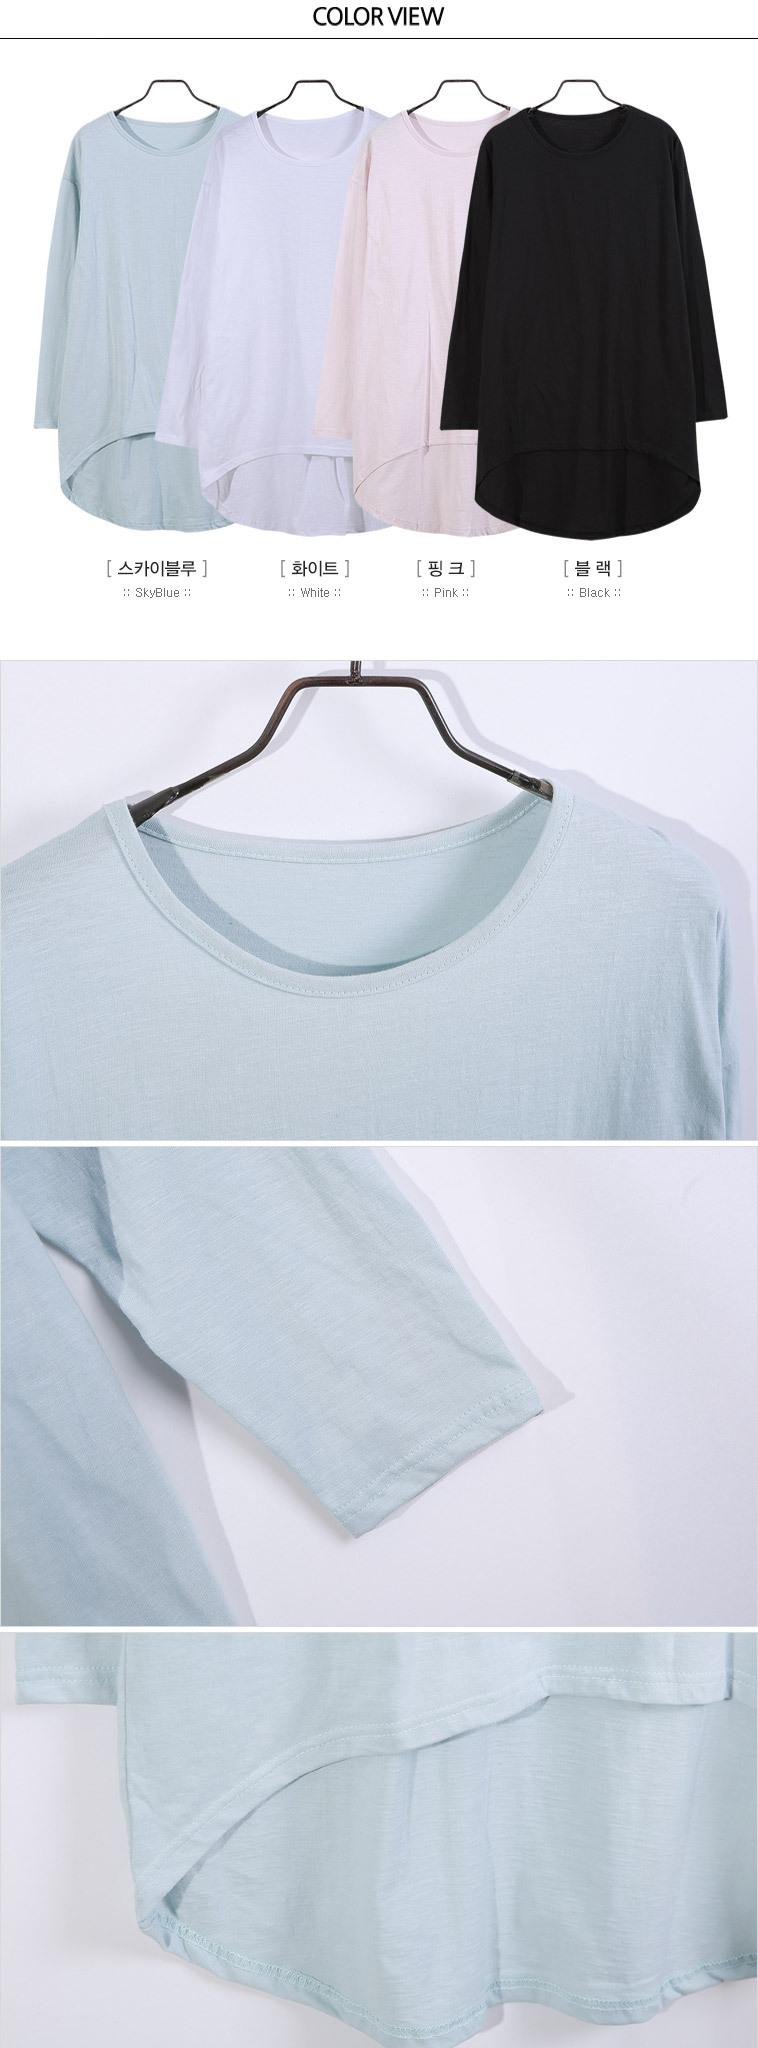 [명예의전당] JC스타일 신상 티셔츠 - 상세정보